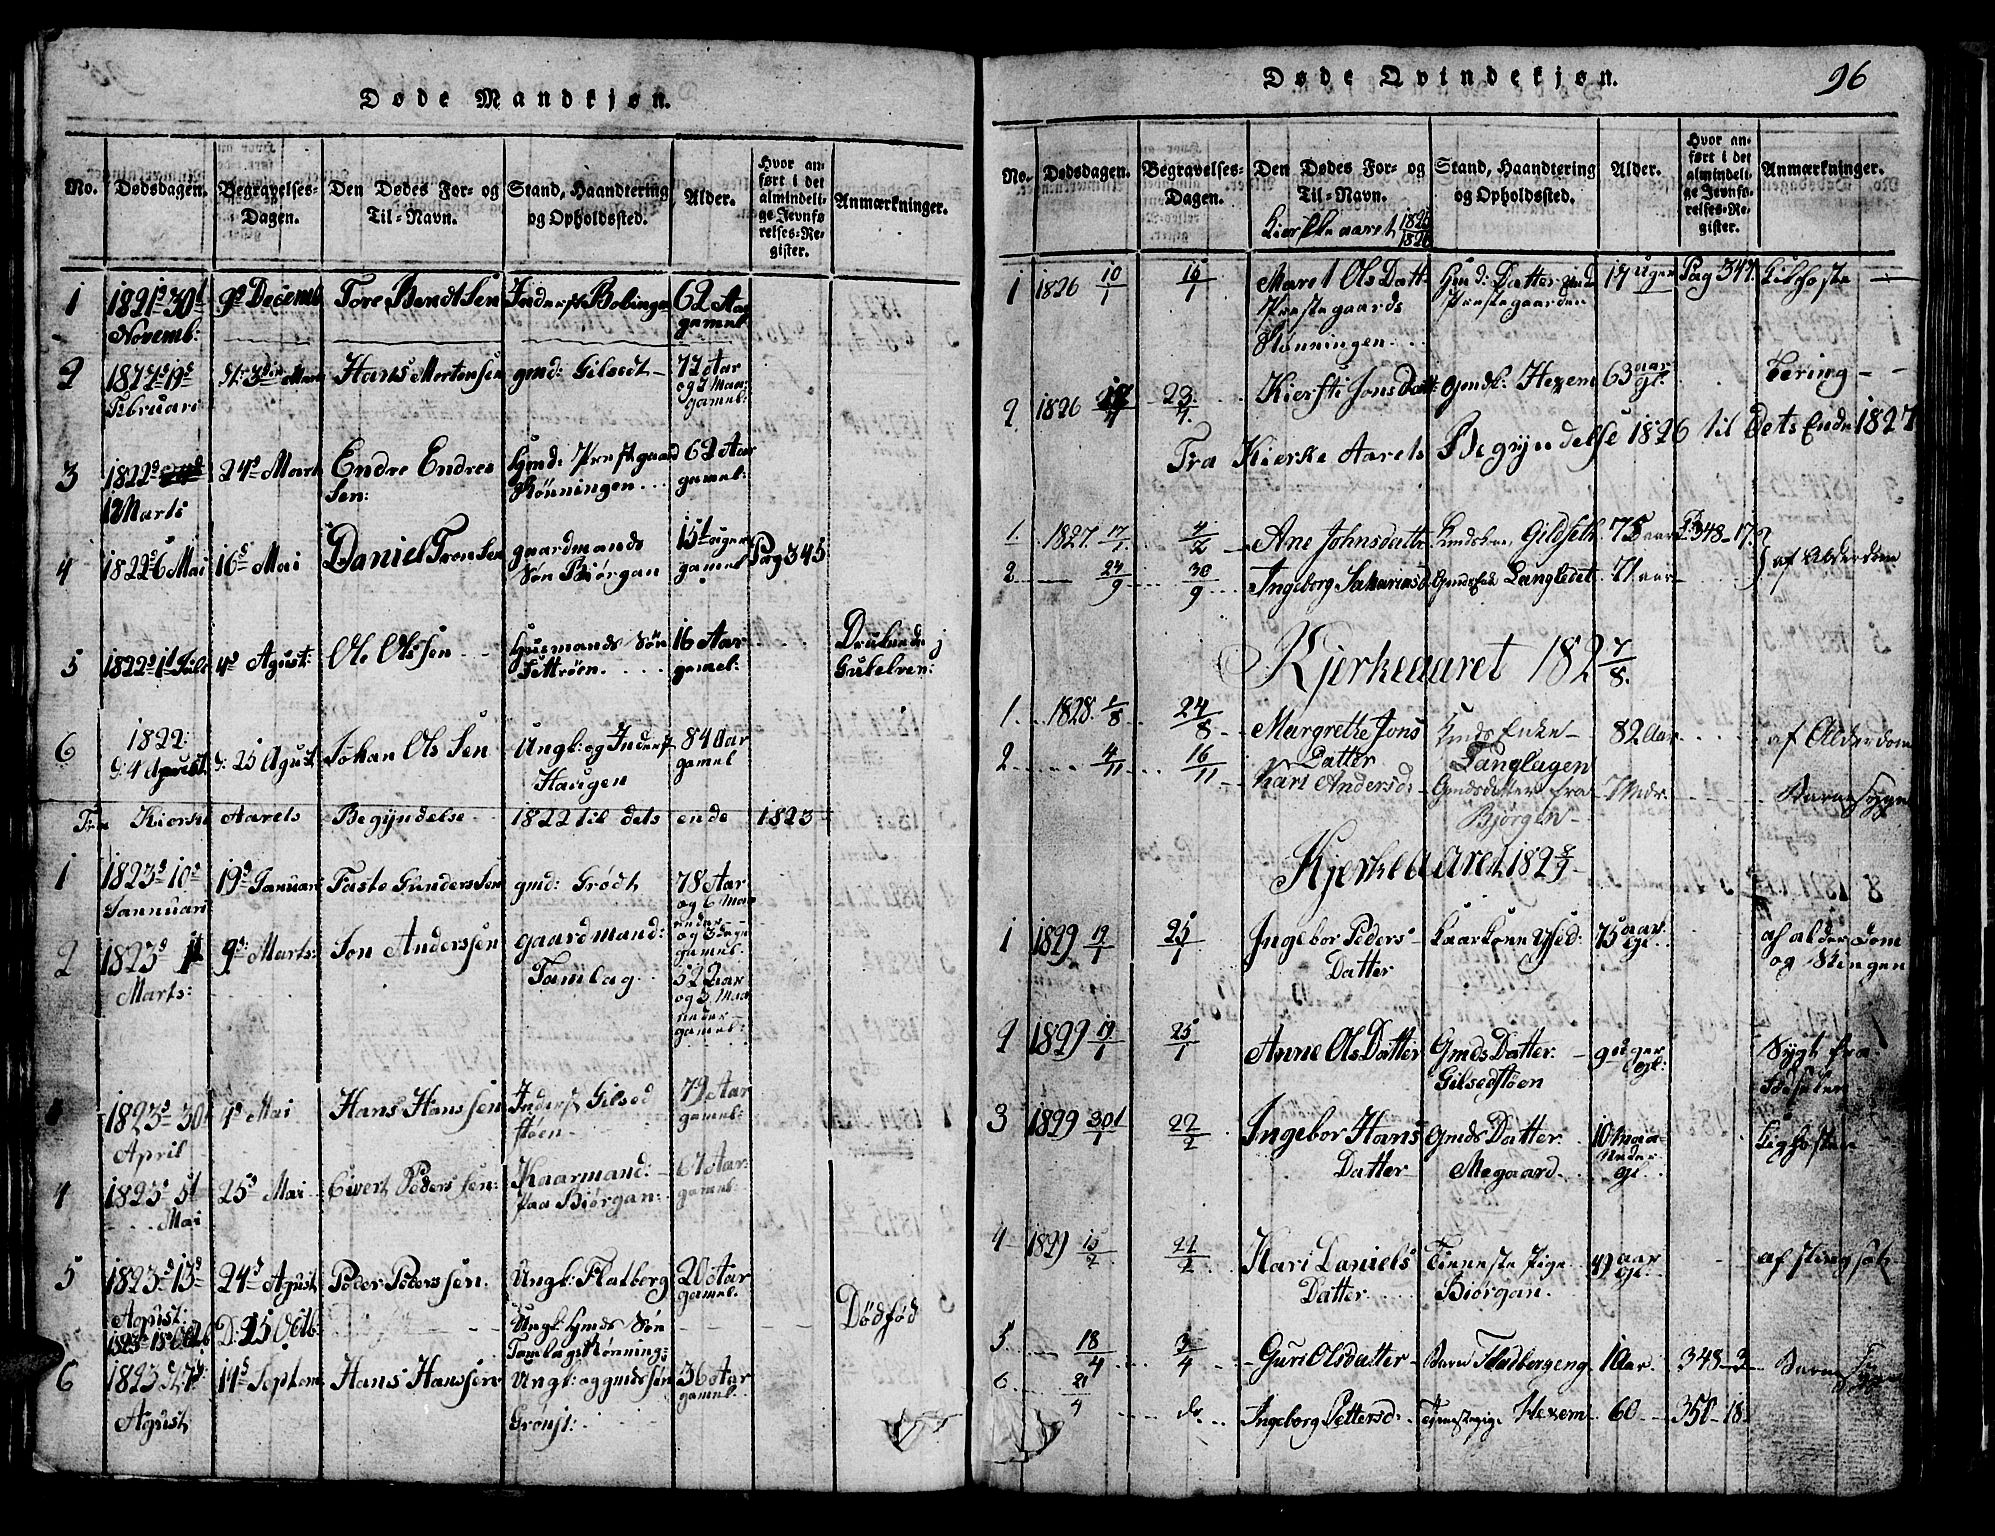 SAT, Ministerialprotokoller, klokkerbøker og fødselsregistre - Sør-Trøndelag, 685/L0976: Klokkerbok nr. 685C01, 1817-1878, s. 96